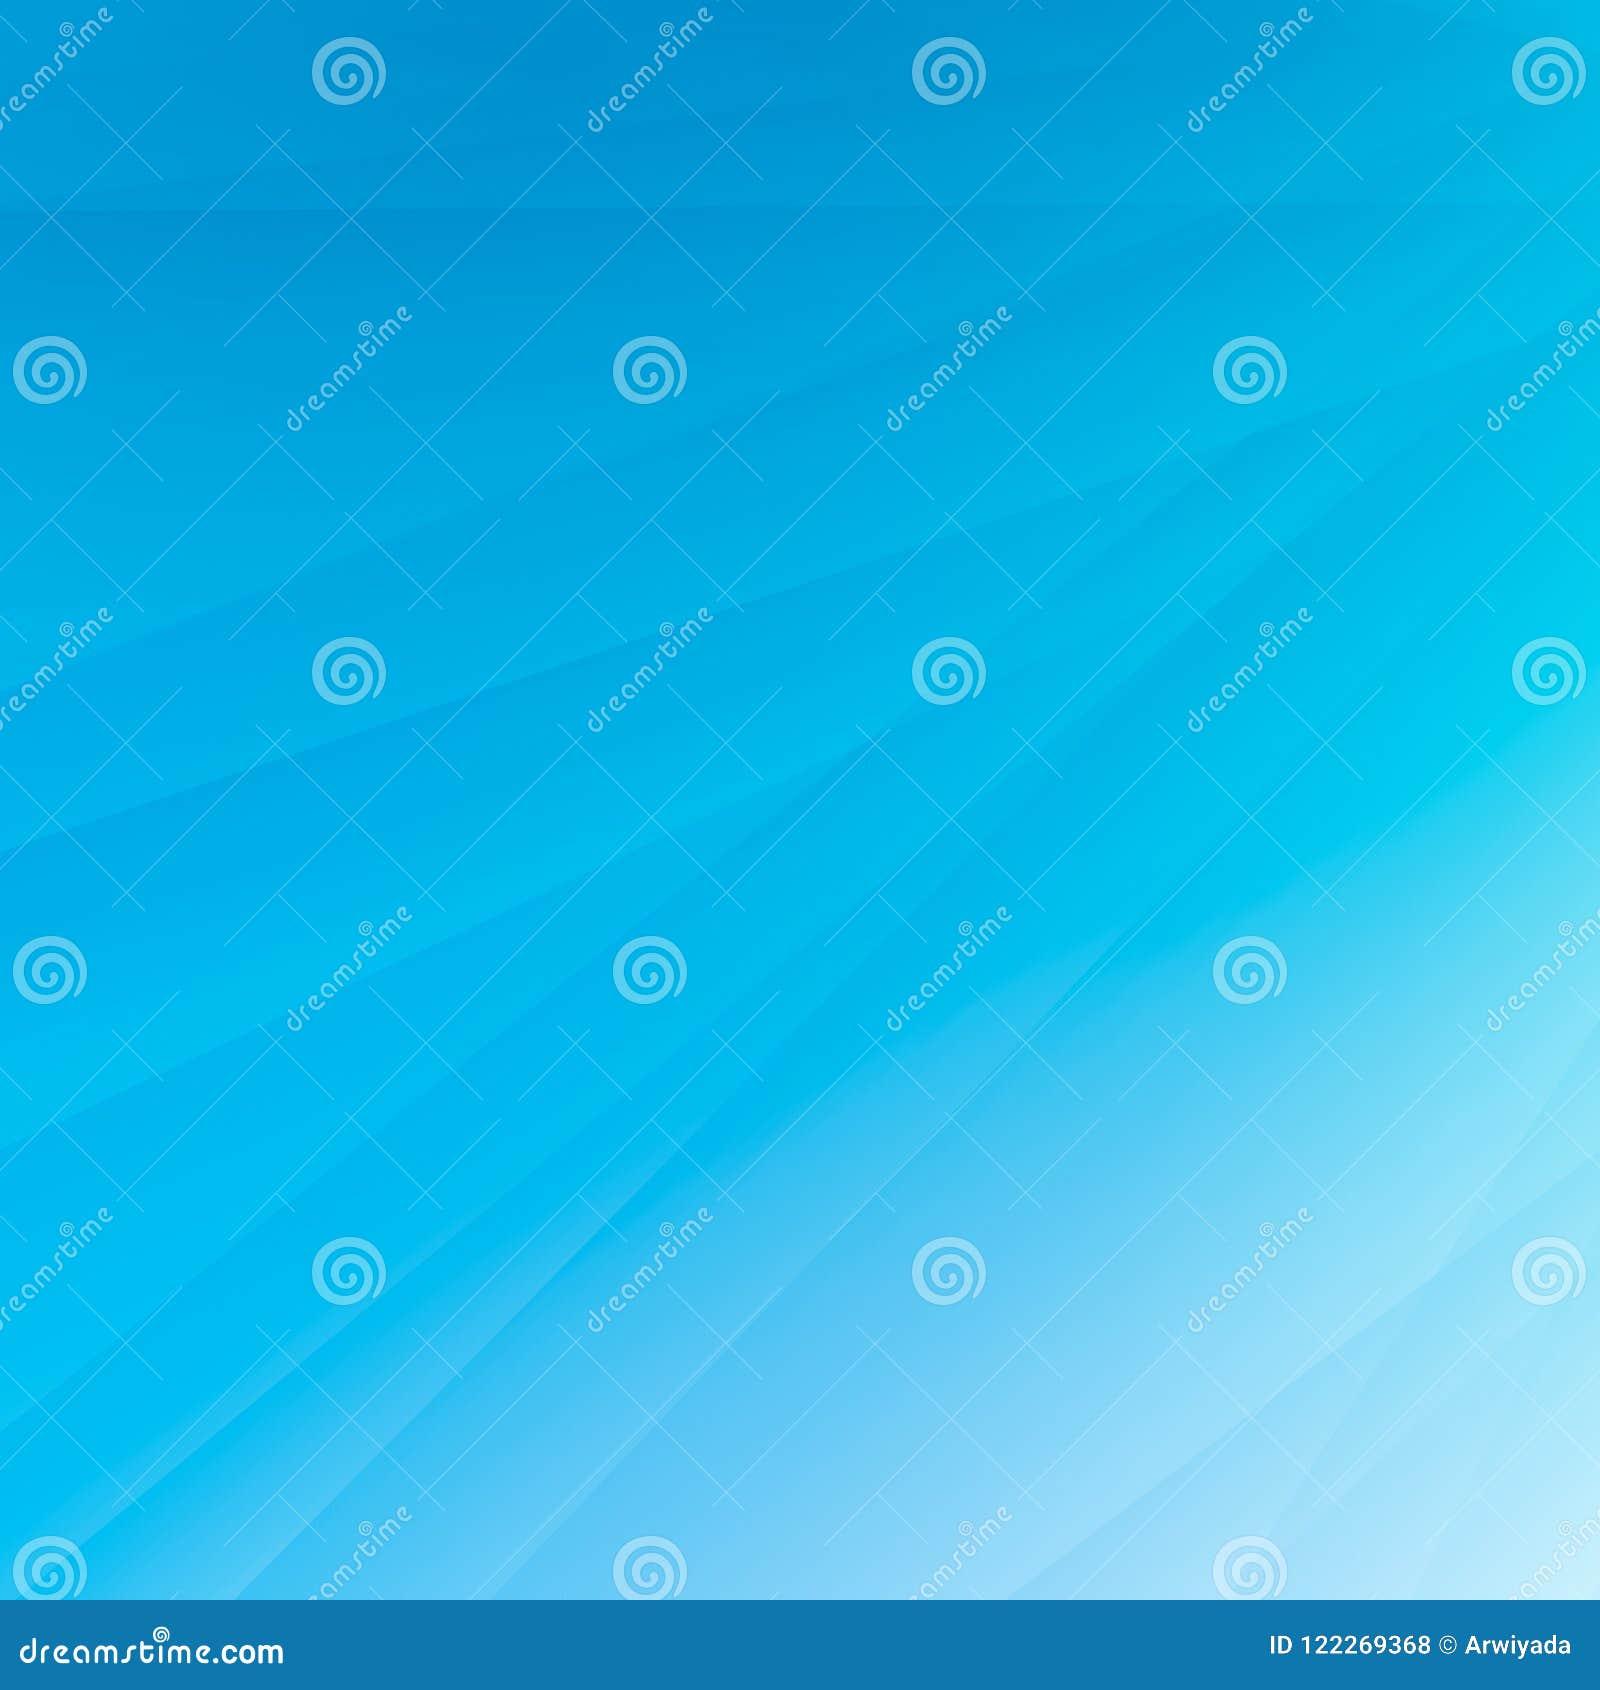 Αφηρημένη σκίαση τεχνών γραμμών γεωμετρίας και ελαφρύ μπλε υπόβαθρο χρώματος κλίσης